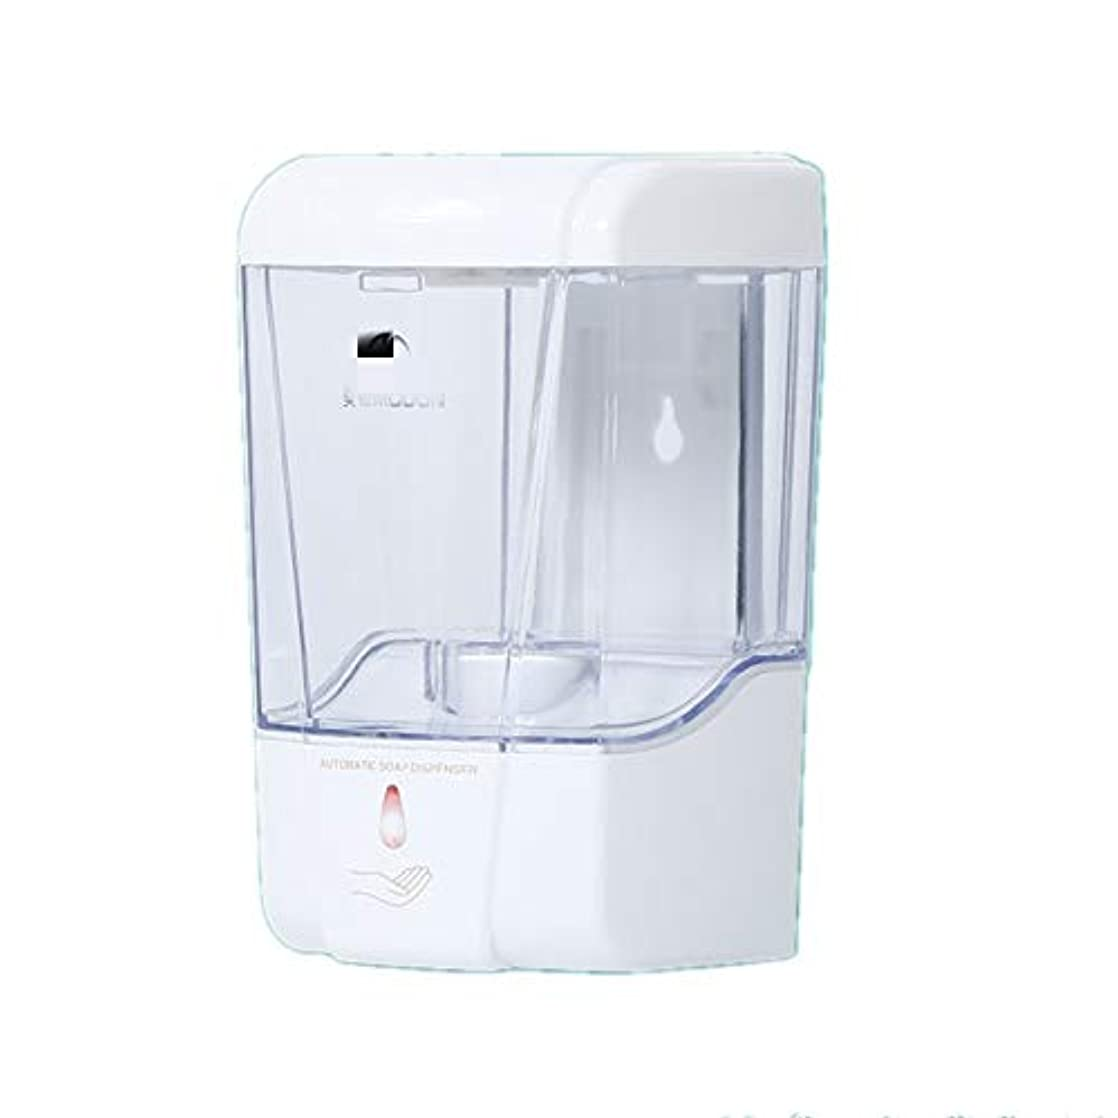 固体地理良心的ソープディスペンサー 600mlの容量自動ソープディスペンサー非接触キッチンバスルームソープディスペンサー ハンドソープ 食器用洗剤 キッチン 洗面所などに適用 (Color : White, Size : One size)